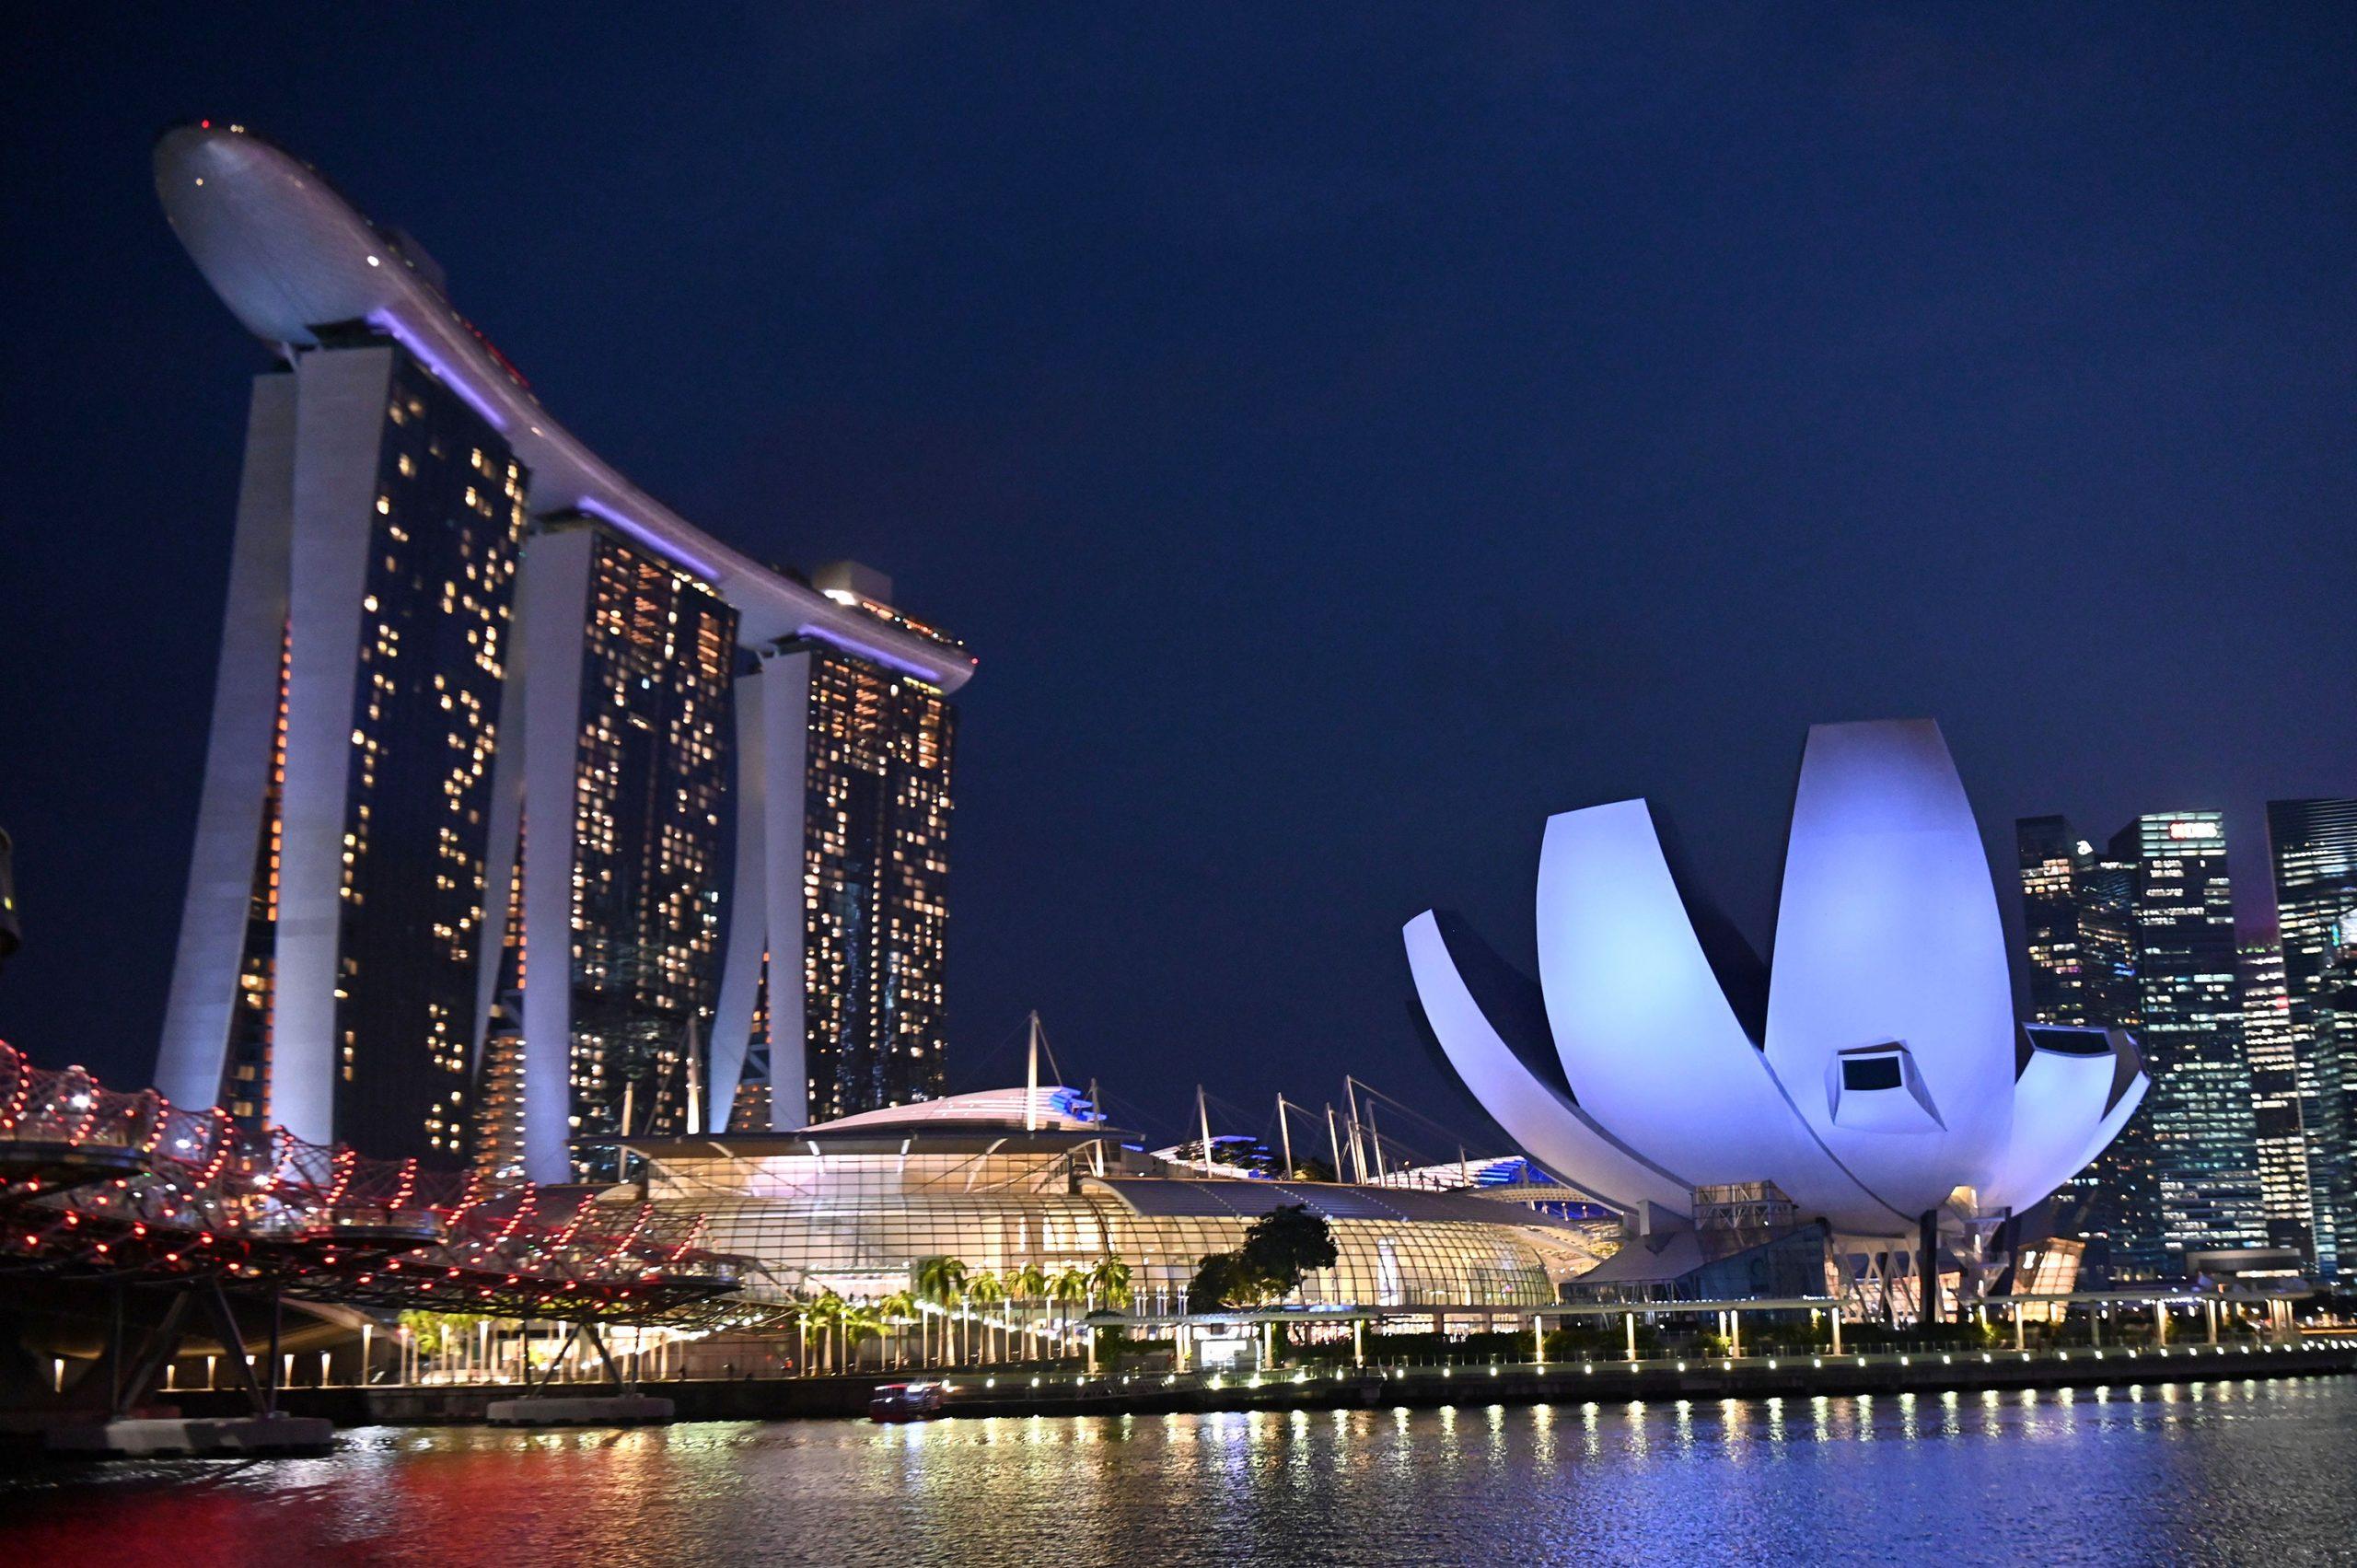 موزه های سنگاپور - سفر به سنگاپور